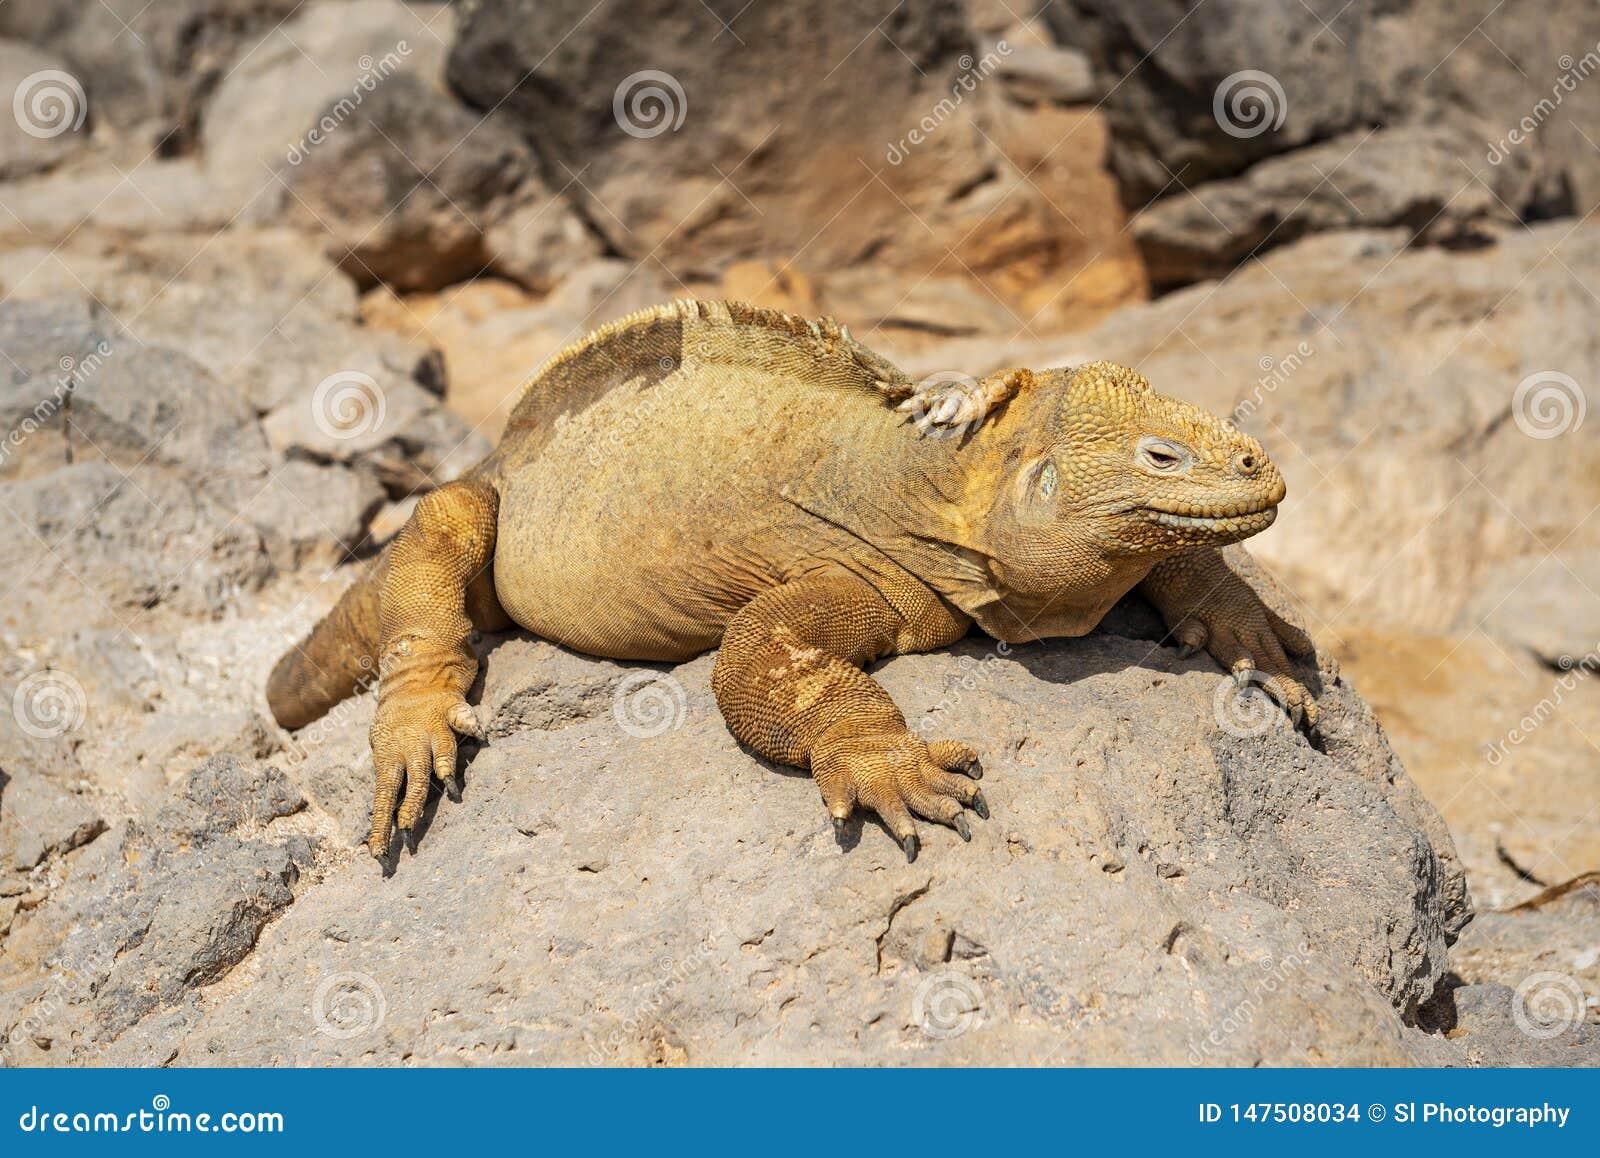 Santa Fe Land Iguana In The Sun Galapagos Ecuador Stock